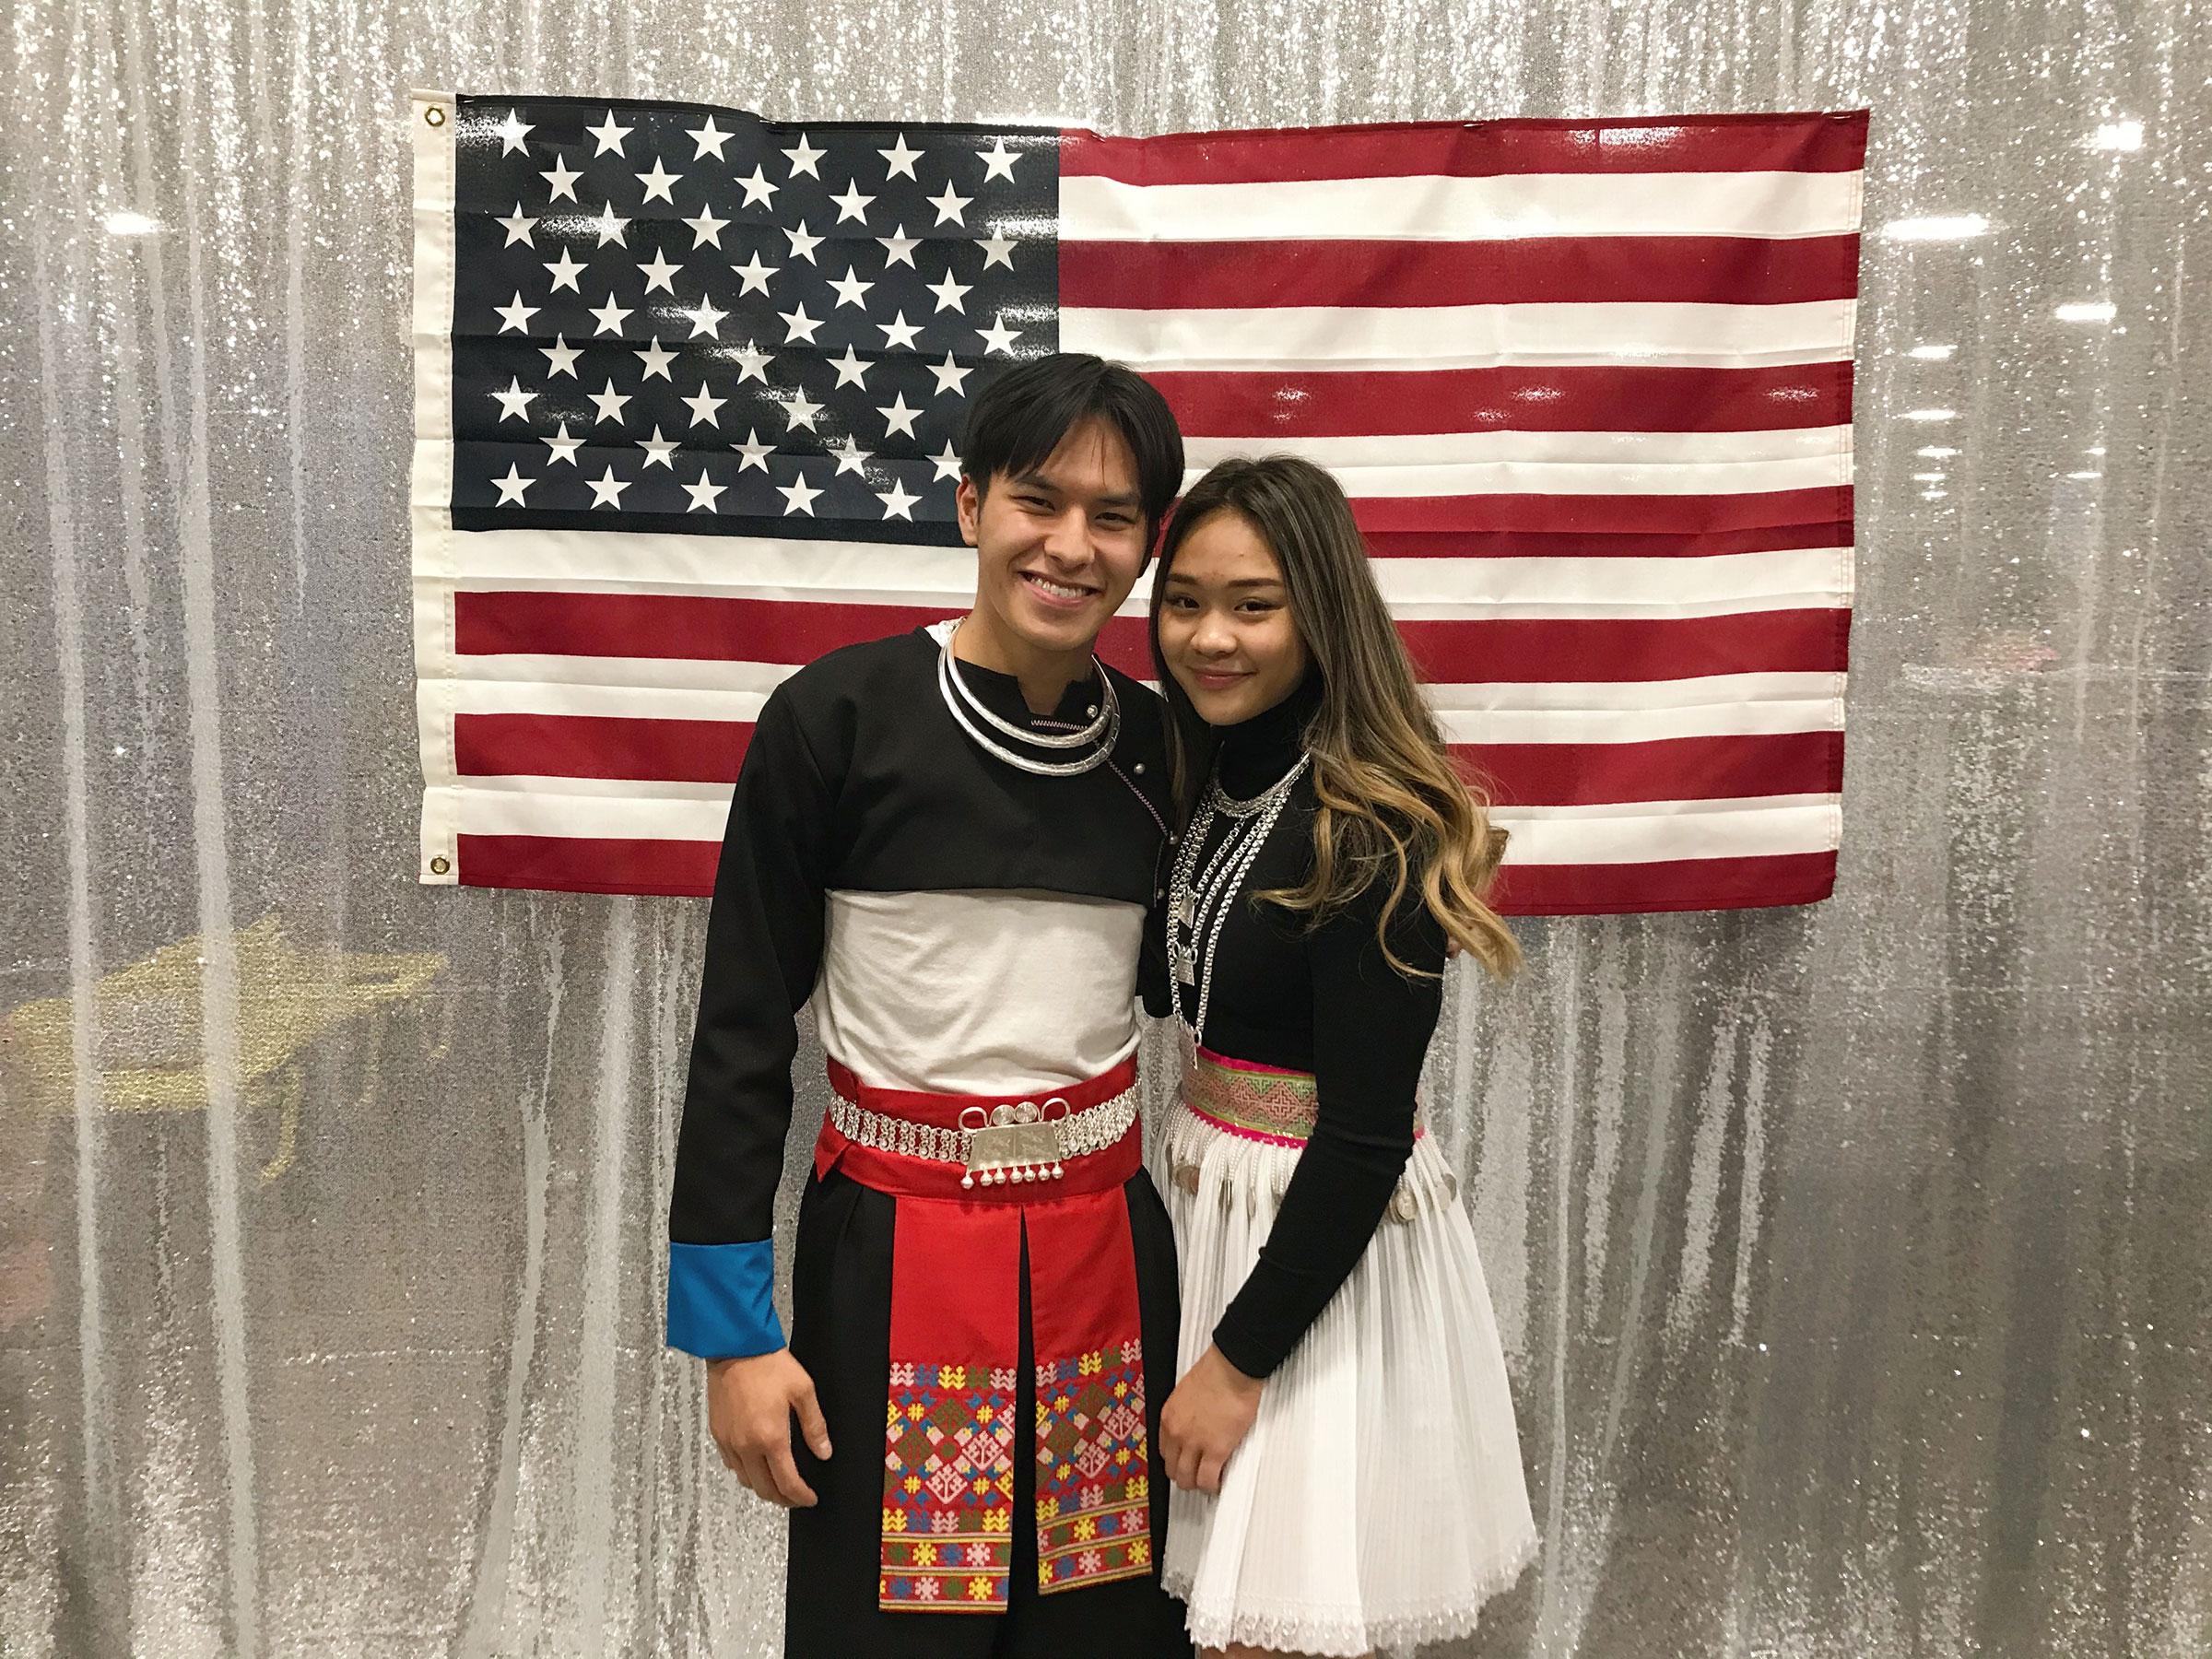 يلتقي فيليب تاو مع سونيزا لي لأول مرة في عام 2019 في العام الجديد.